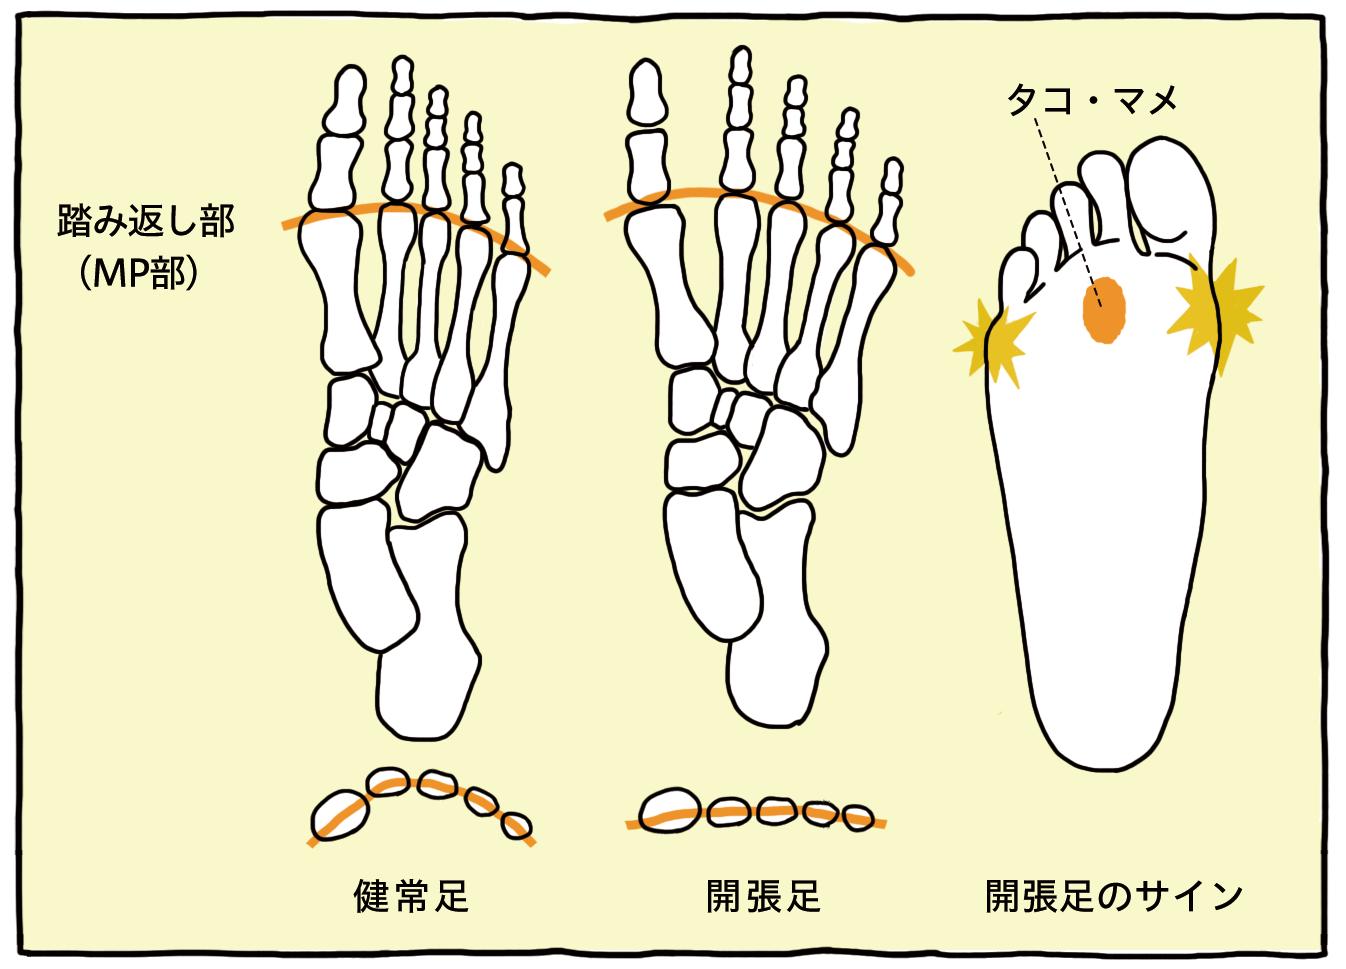 健常足と開張足の踏み返し部